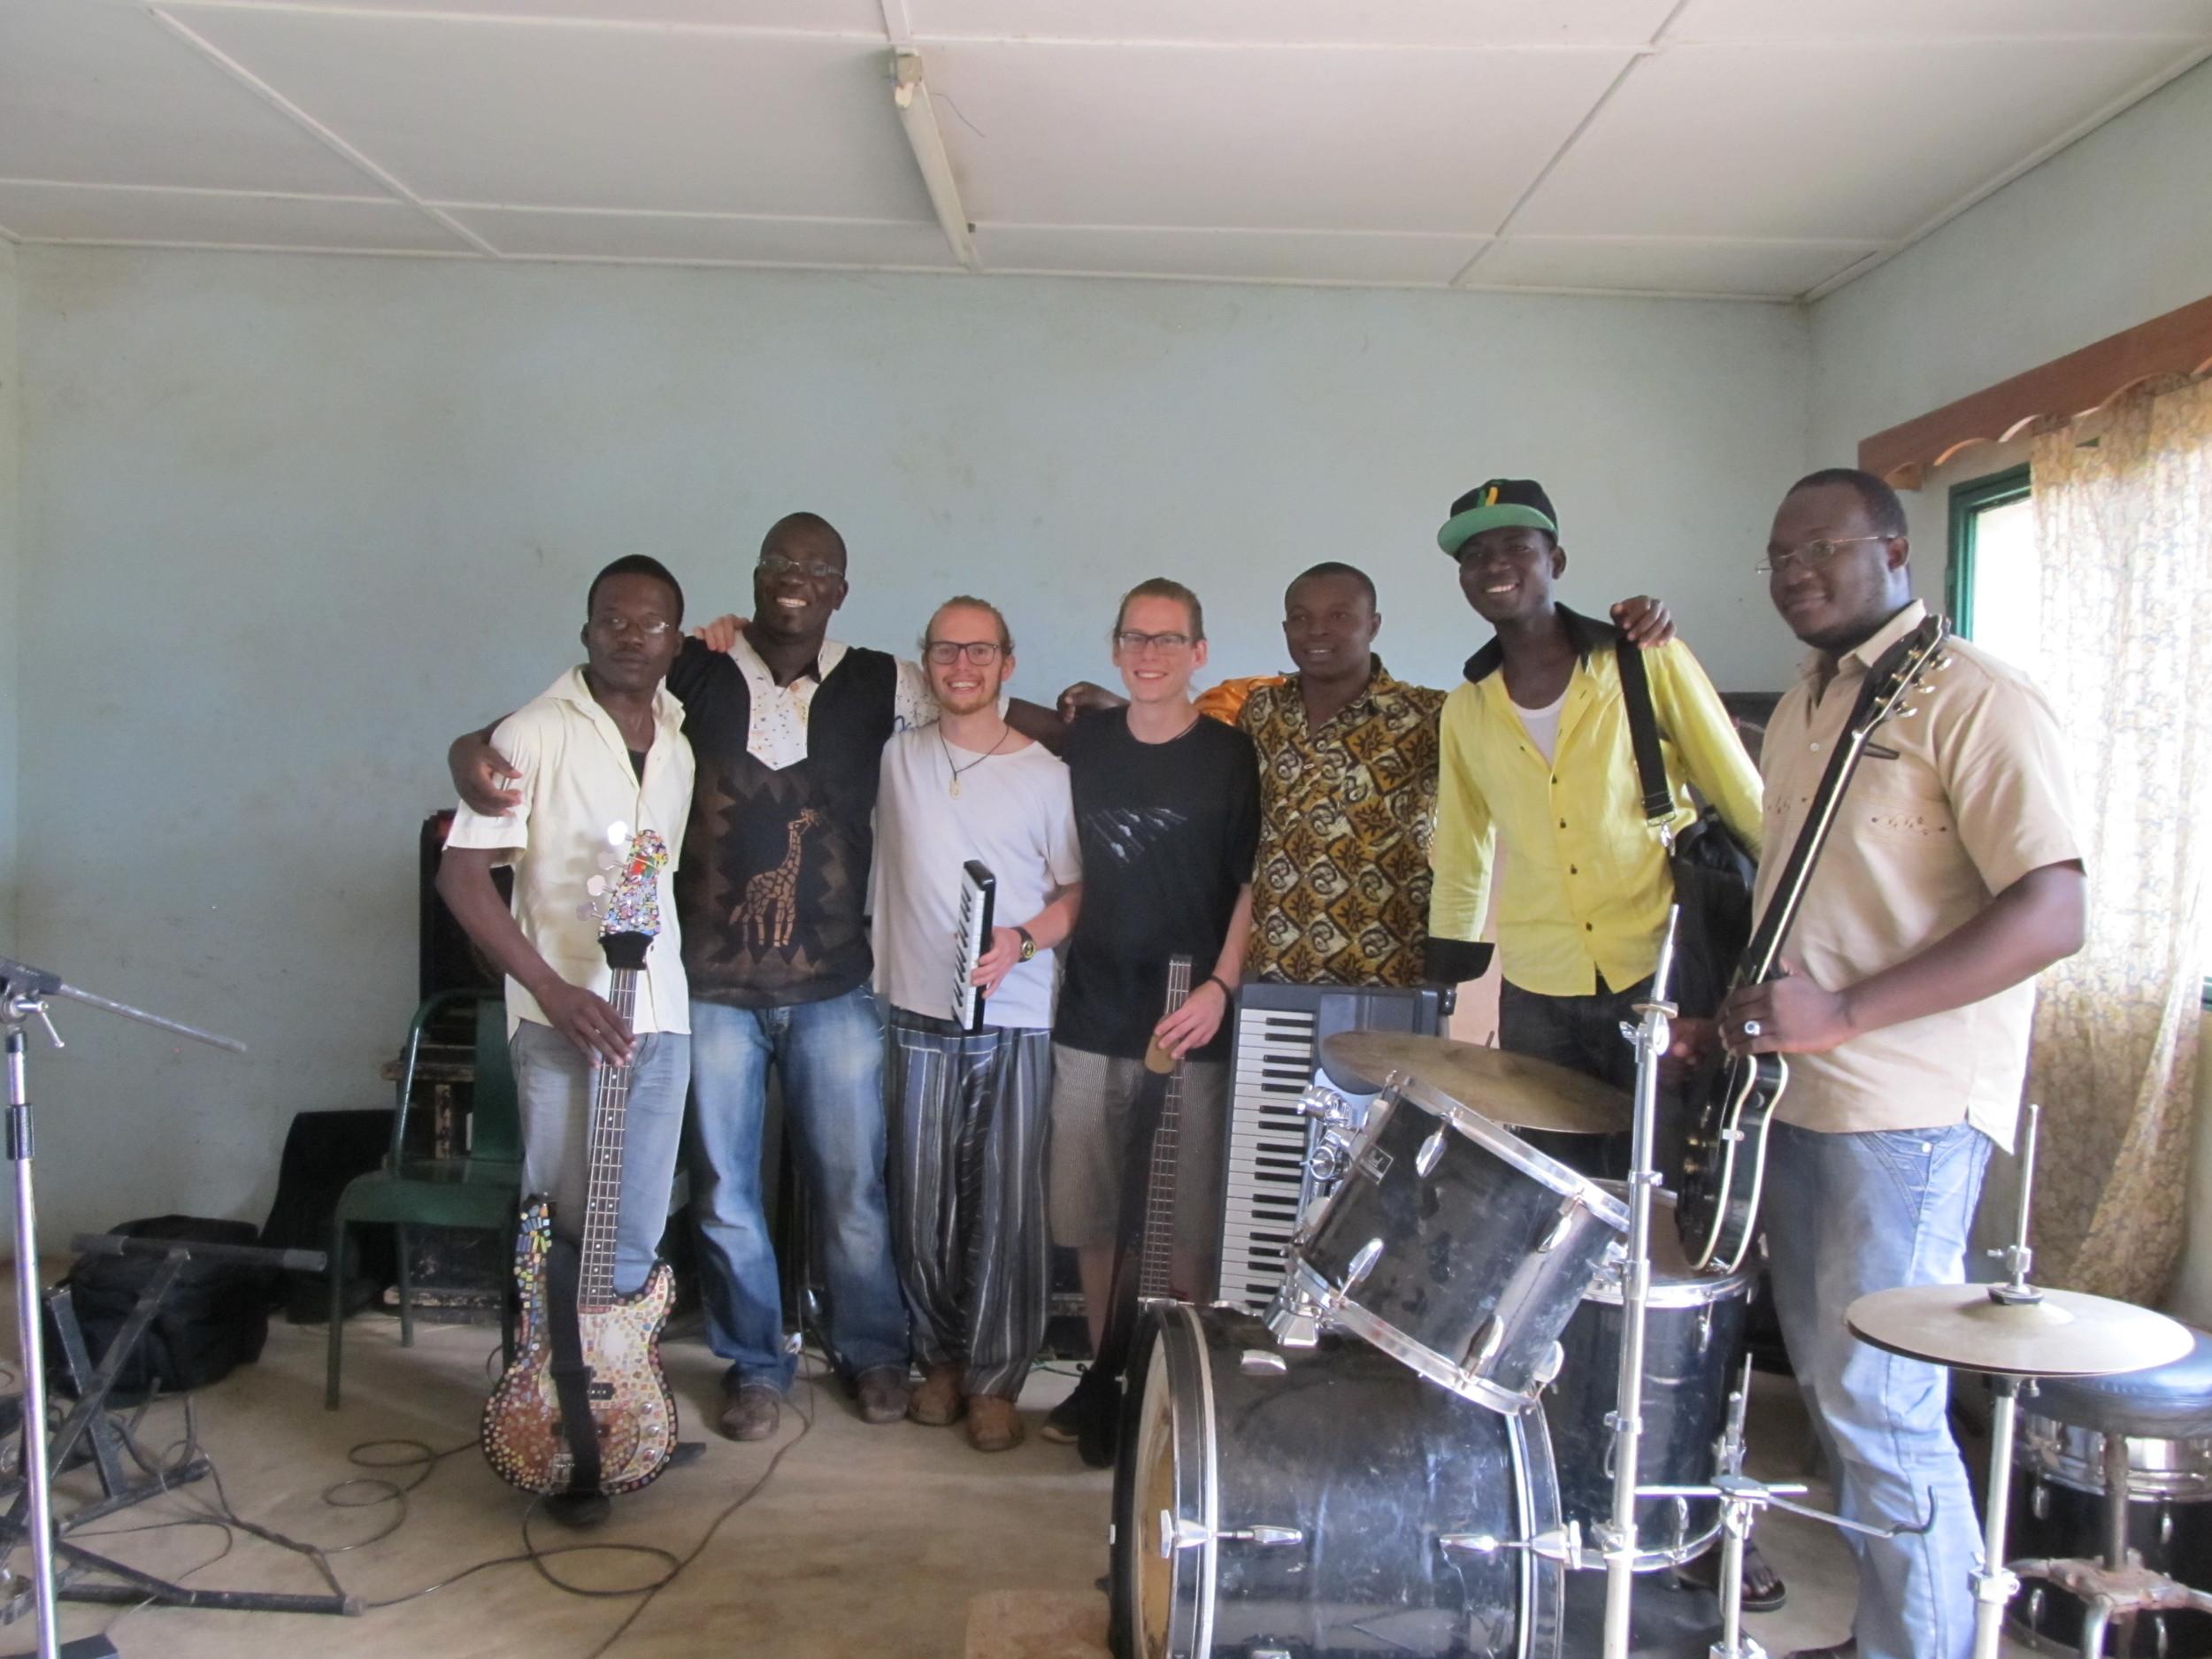 Jam in Ouagadougou